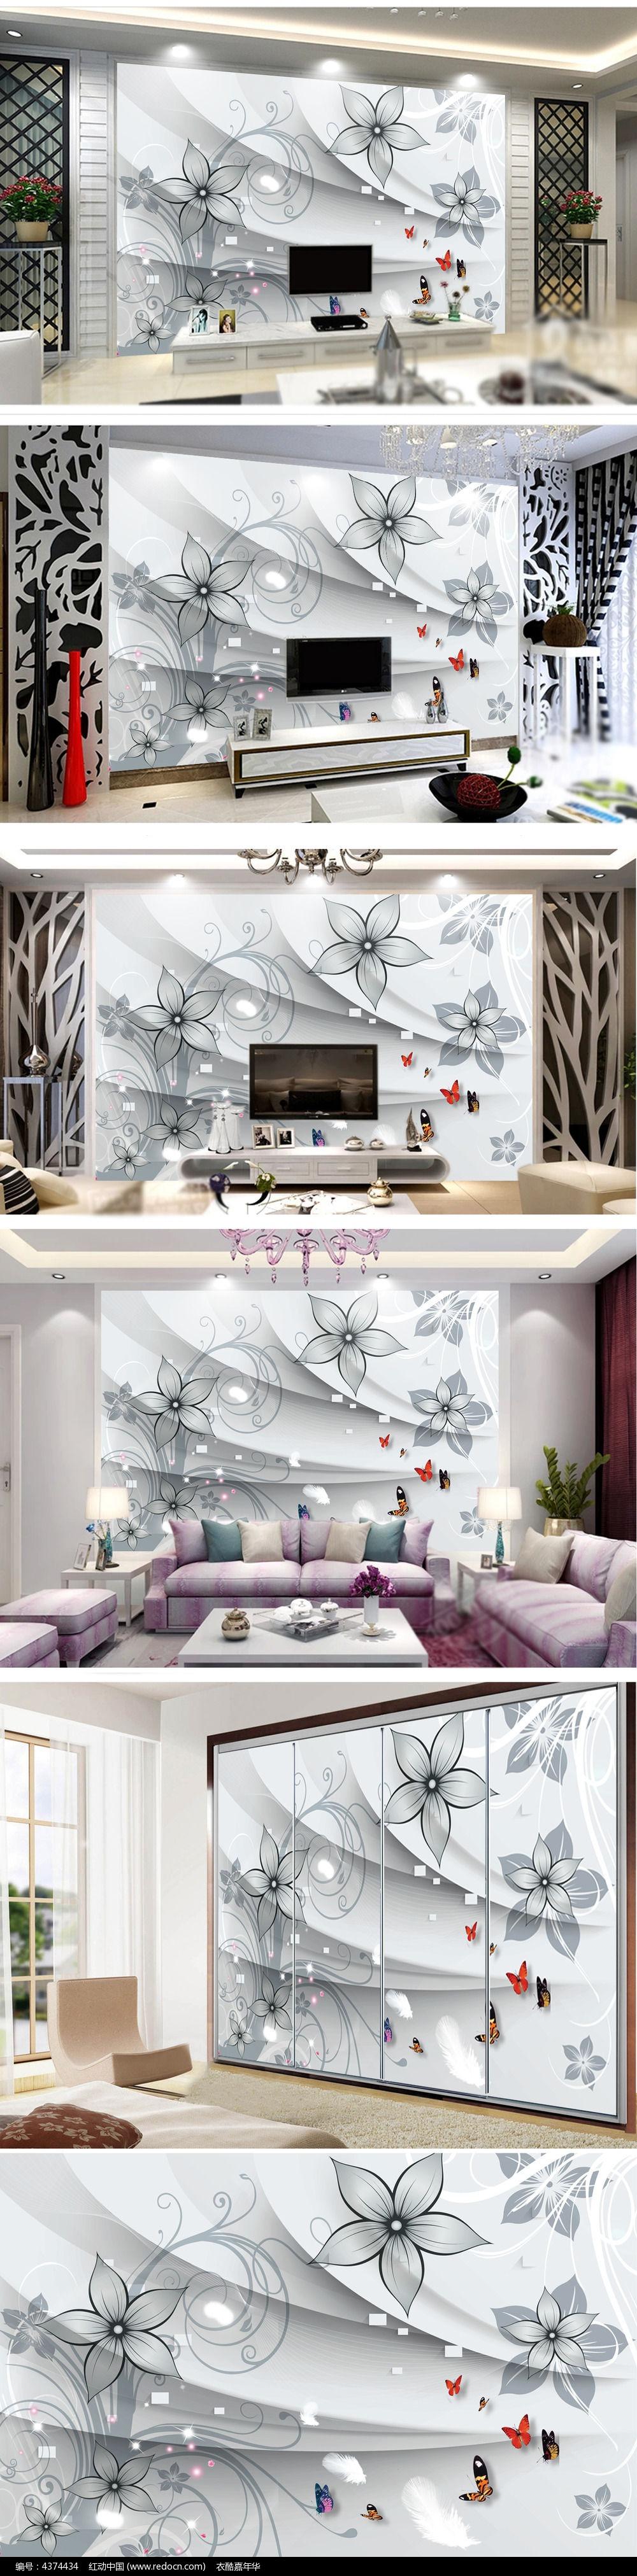 手绘牡丹电视背景墙psd素材设计下载